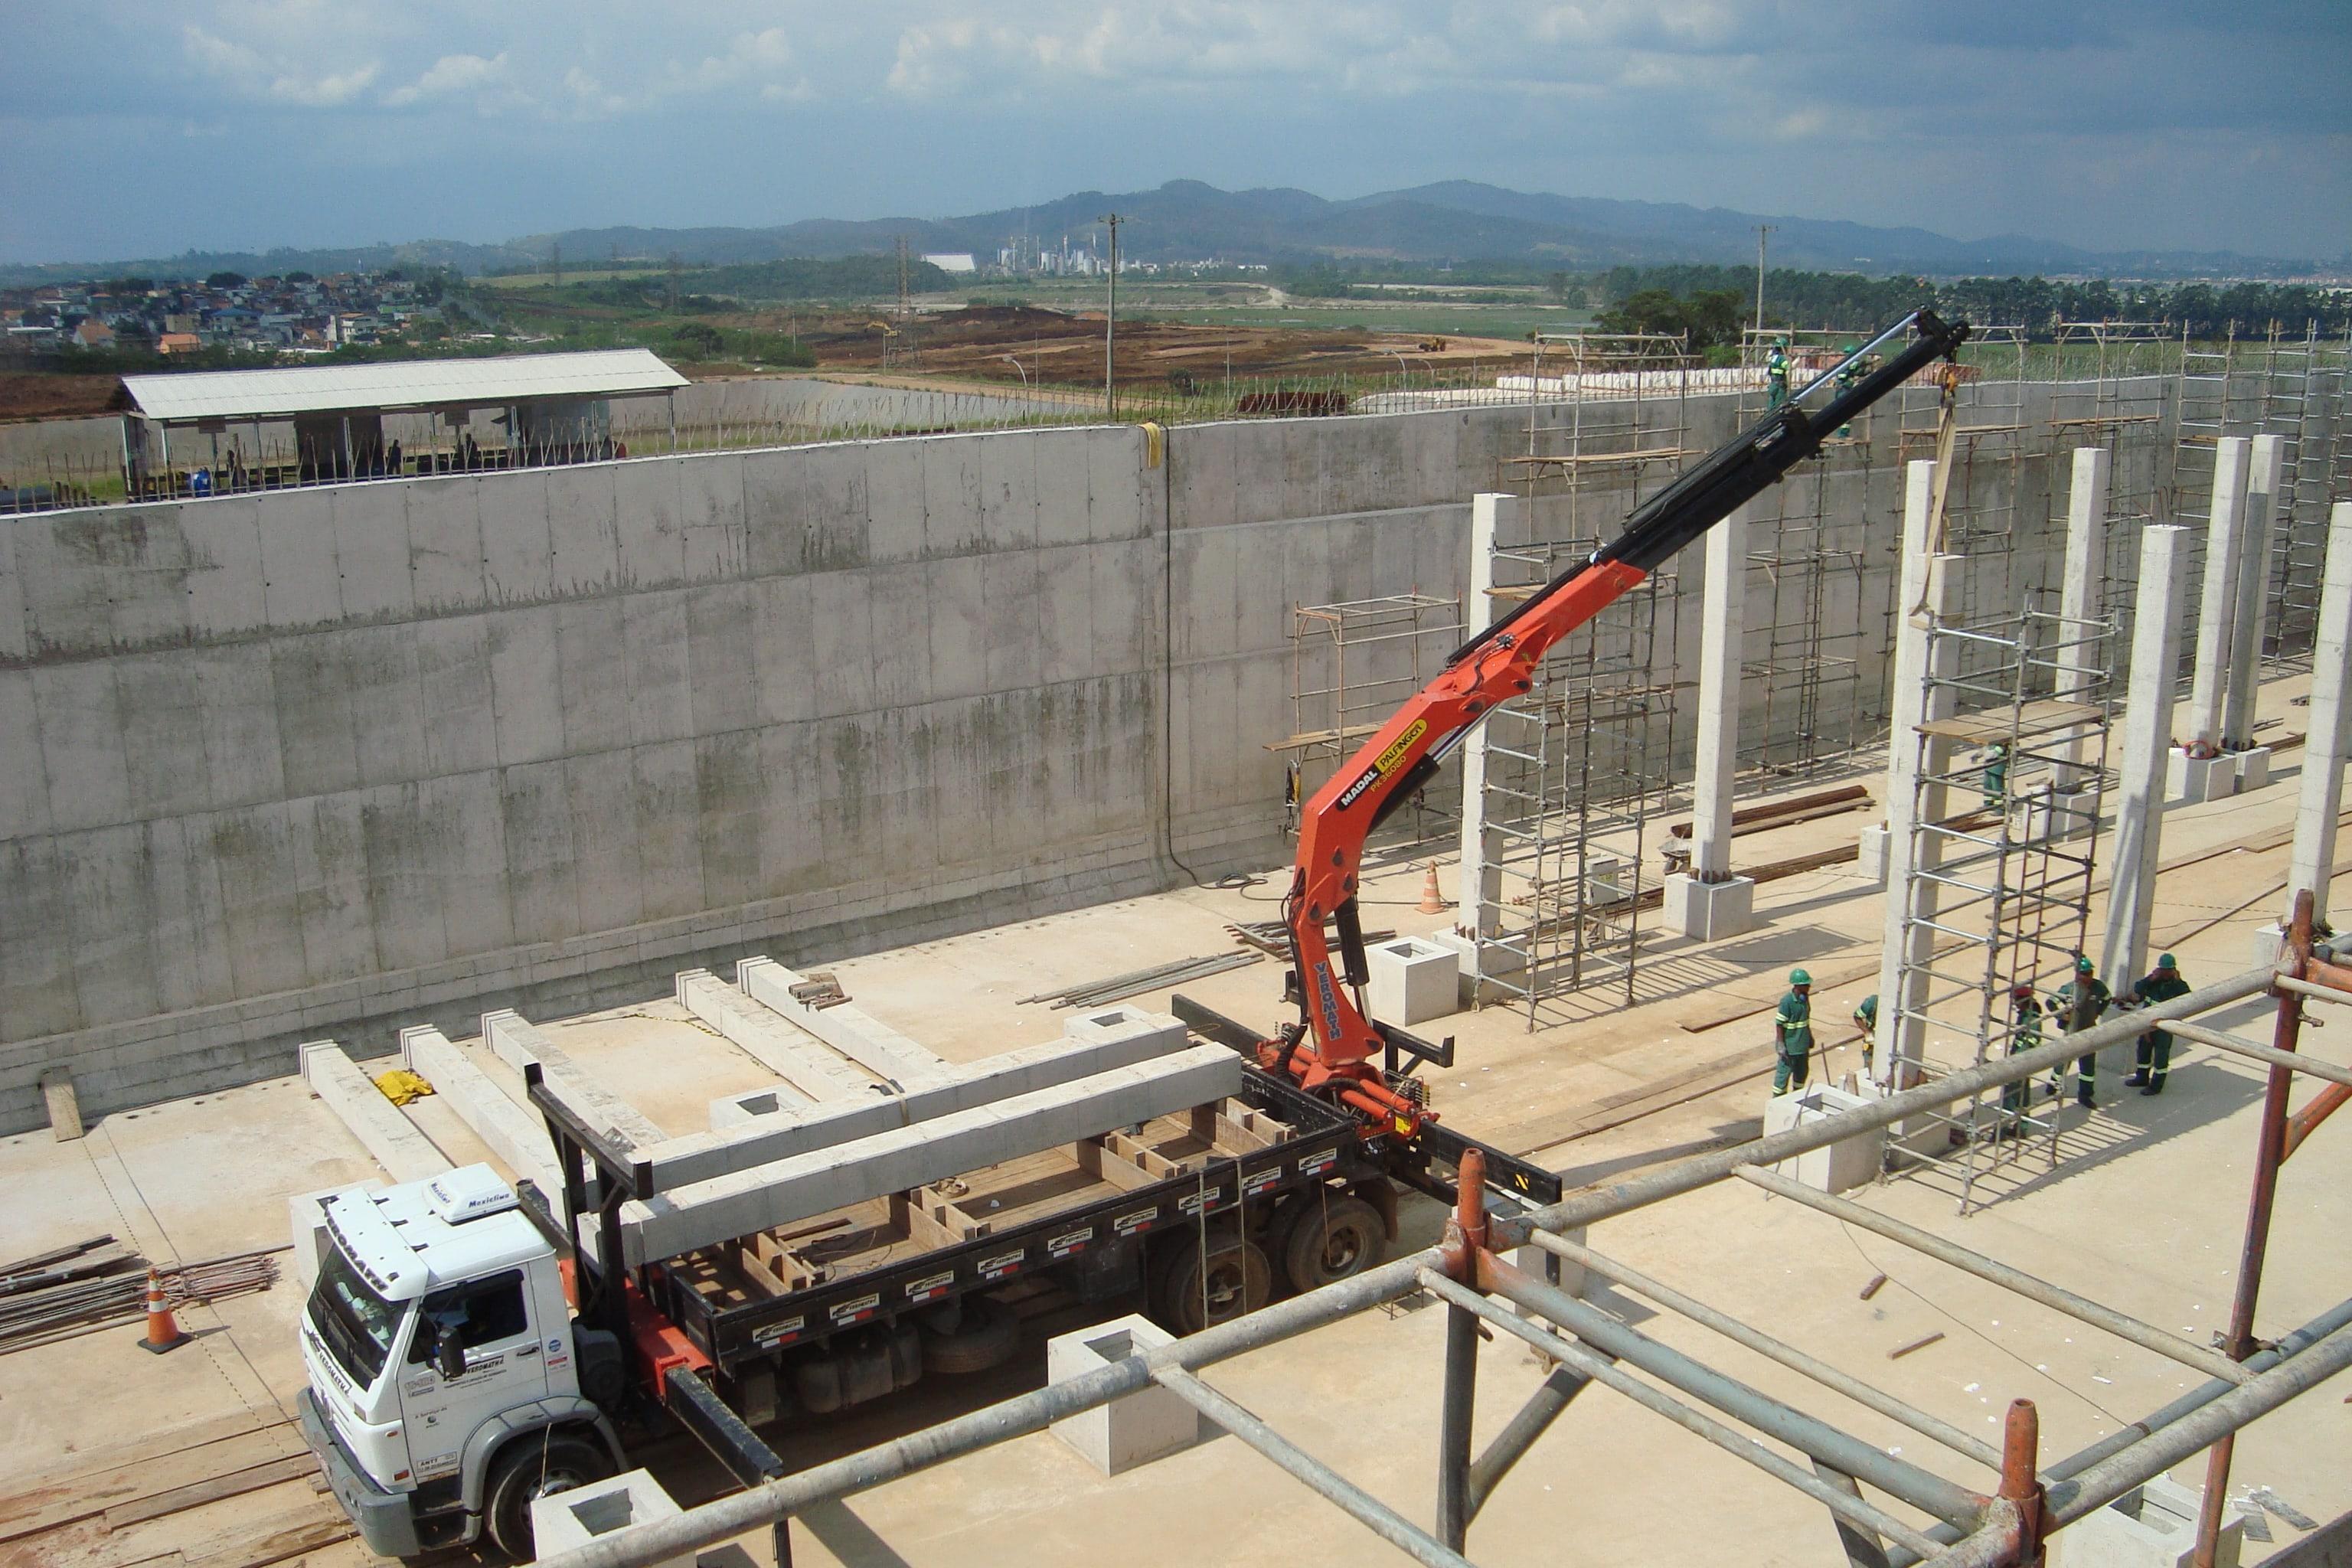 Guidaste Articulado Traseiro Palfinger para 32 toneladas métricas